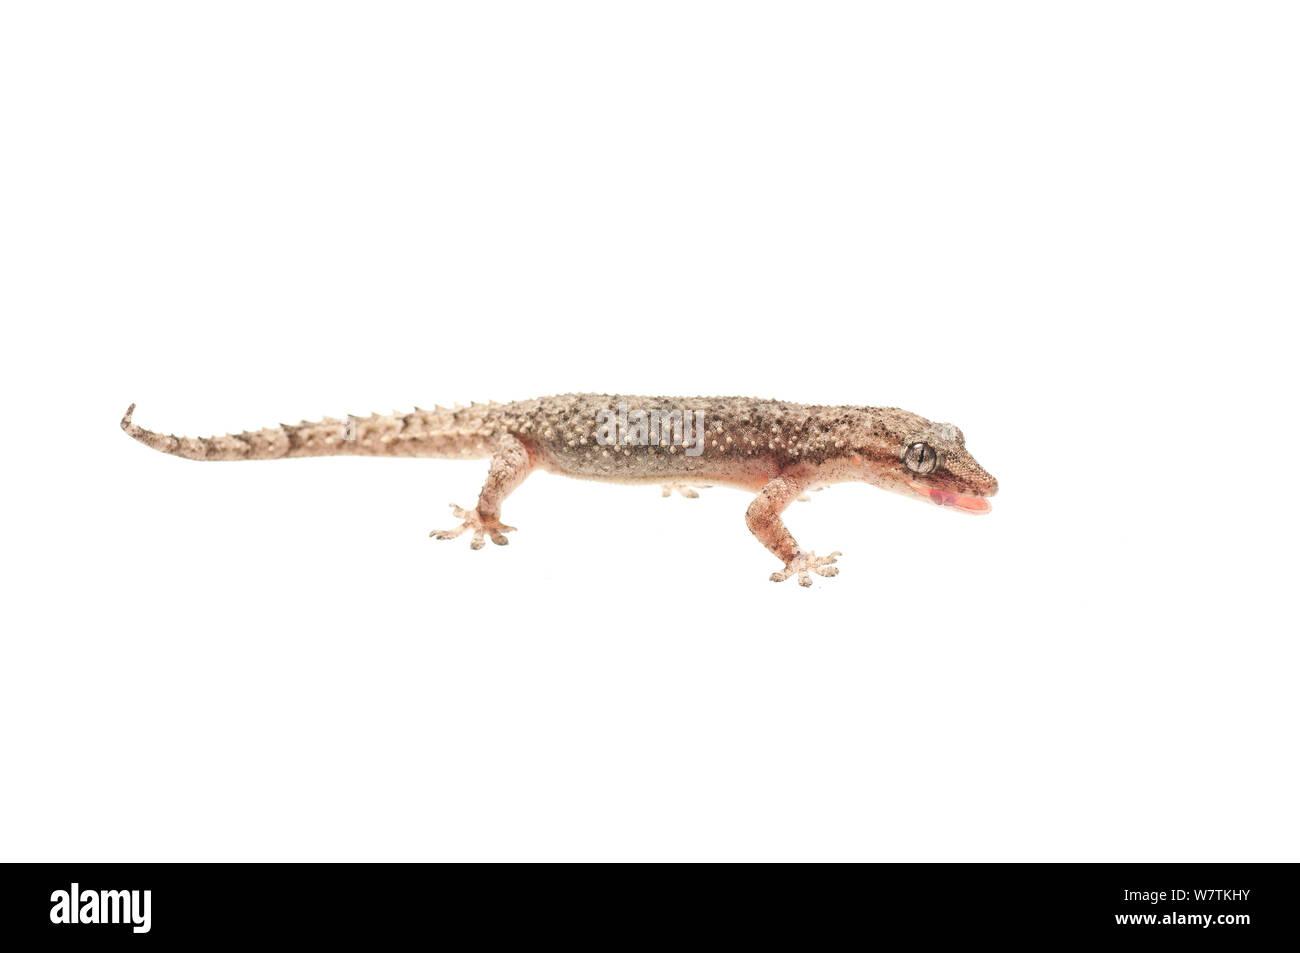 Chambre gecko (Hemidactylus palaichthus) Kusad Mountain, au Guyana. Projet d'Meetyourneighbors.net Banque D'Images